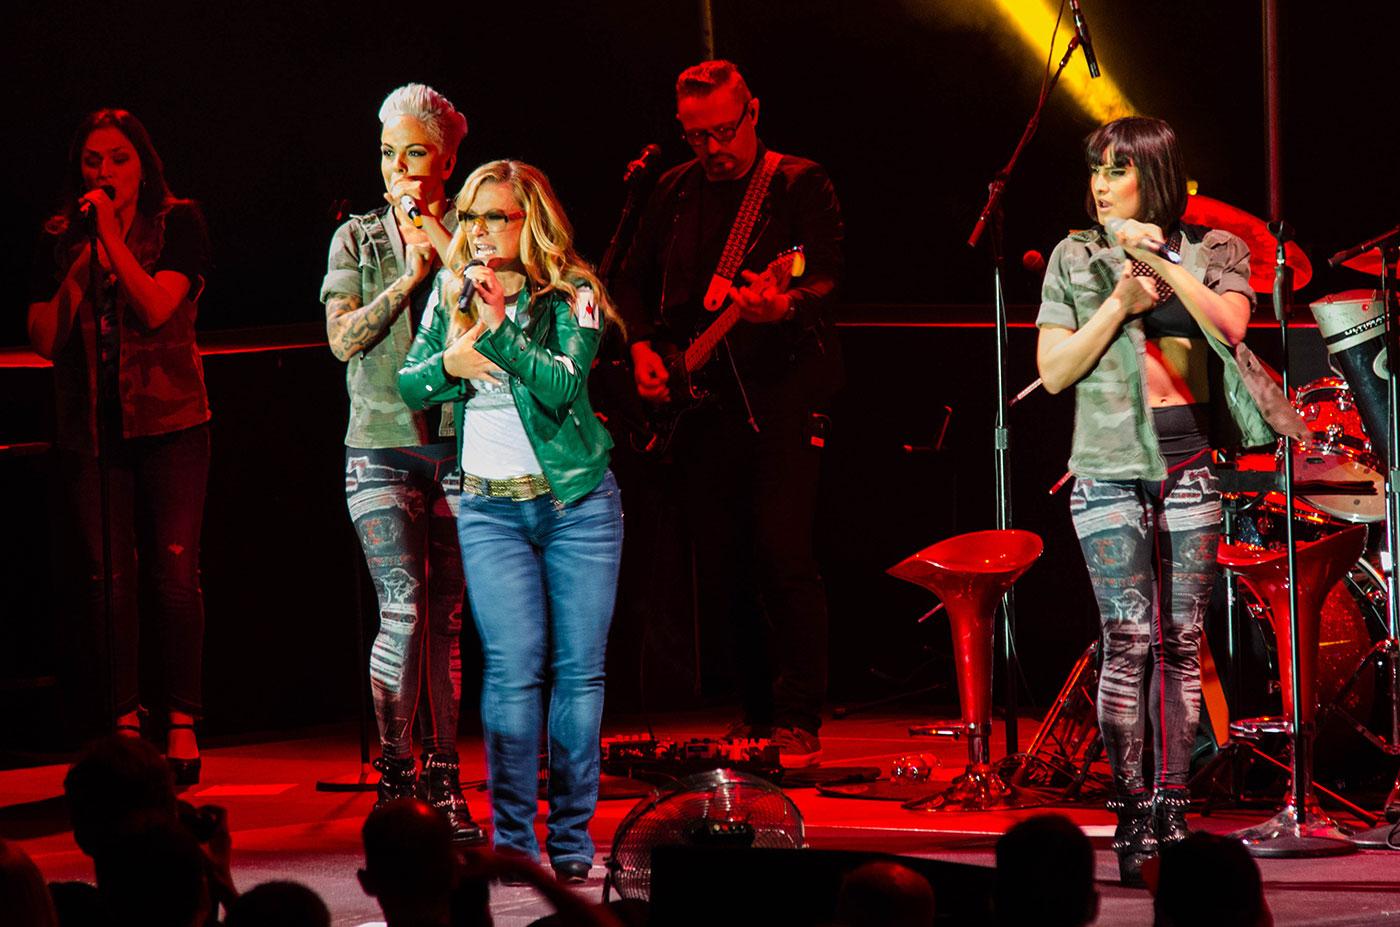 Die Band kann sich sehen und hören lassen – Sängerin Anastacia auf der Bühne.